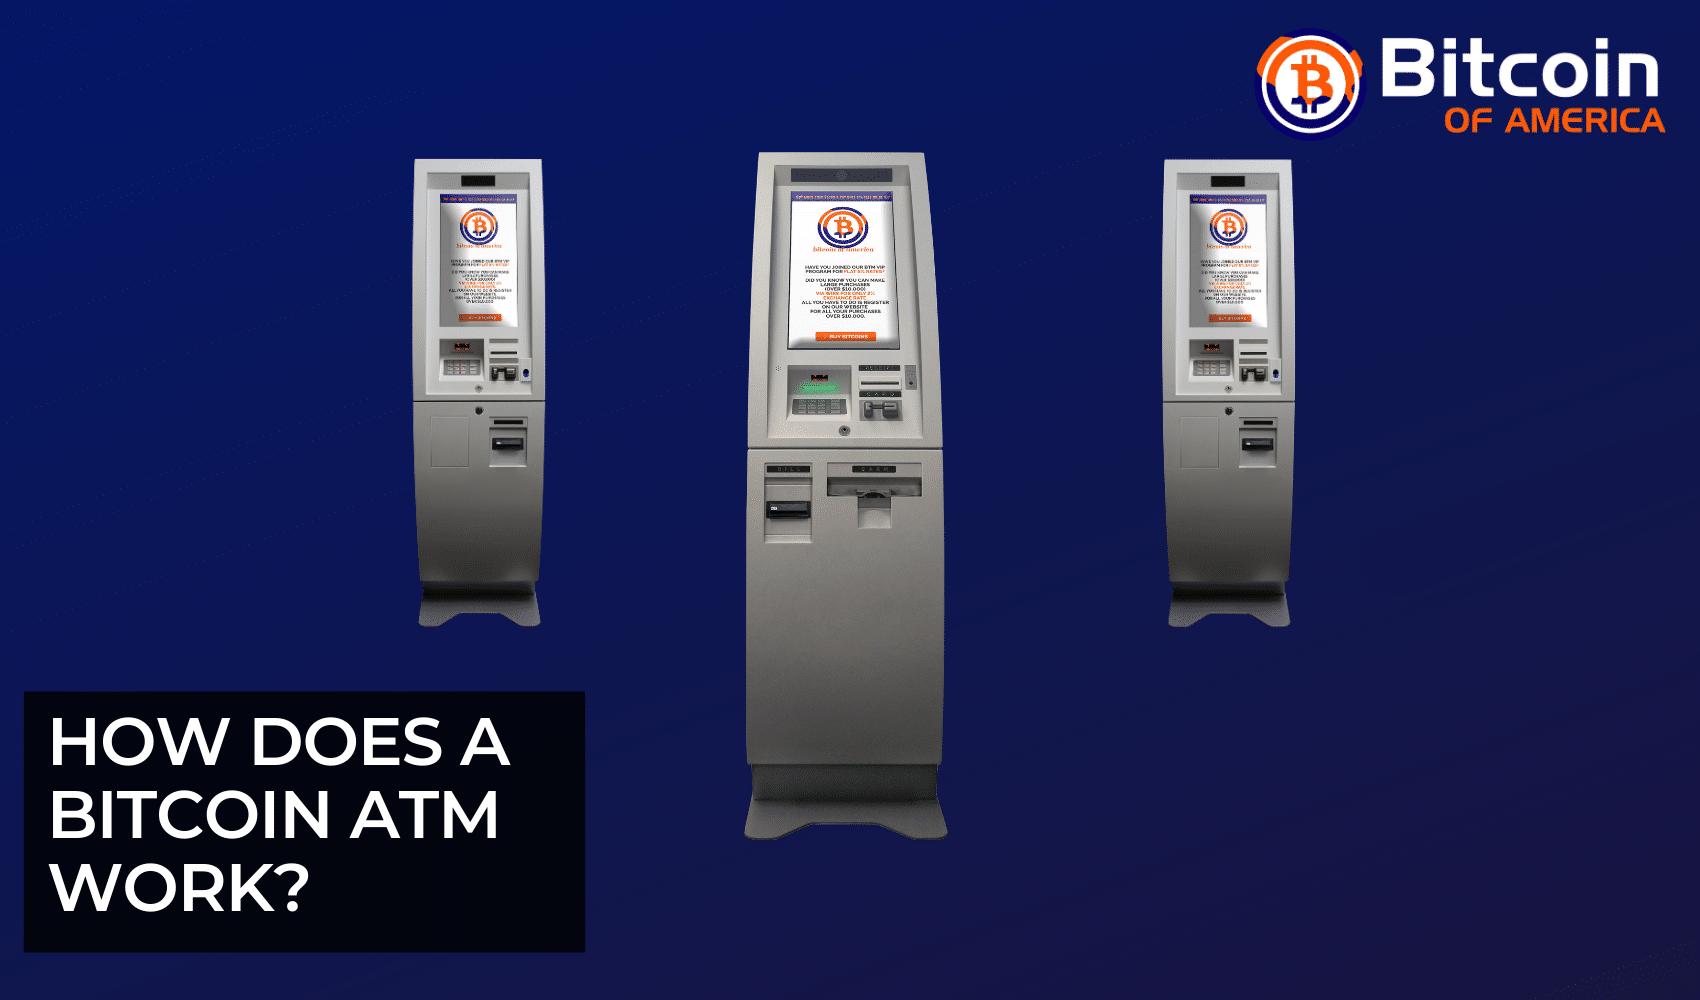 JQ Už Naują & Naudojamas BATMTwo Bitcoin ATM